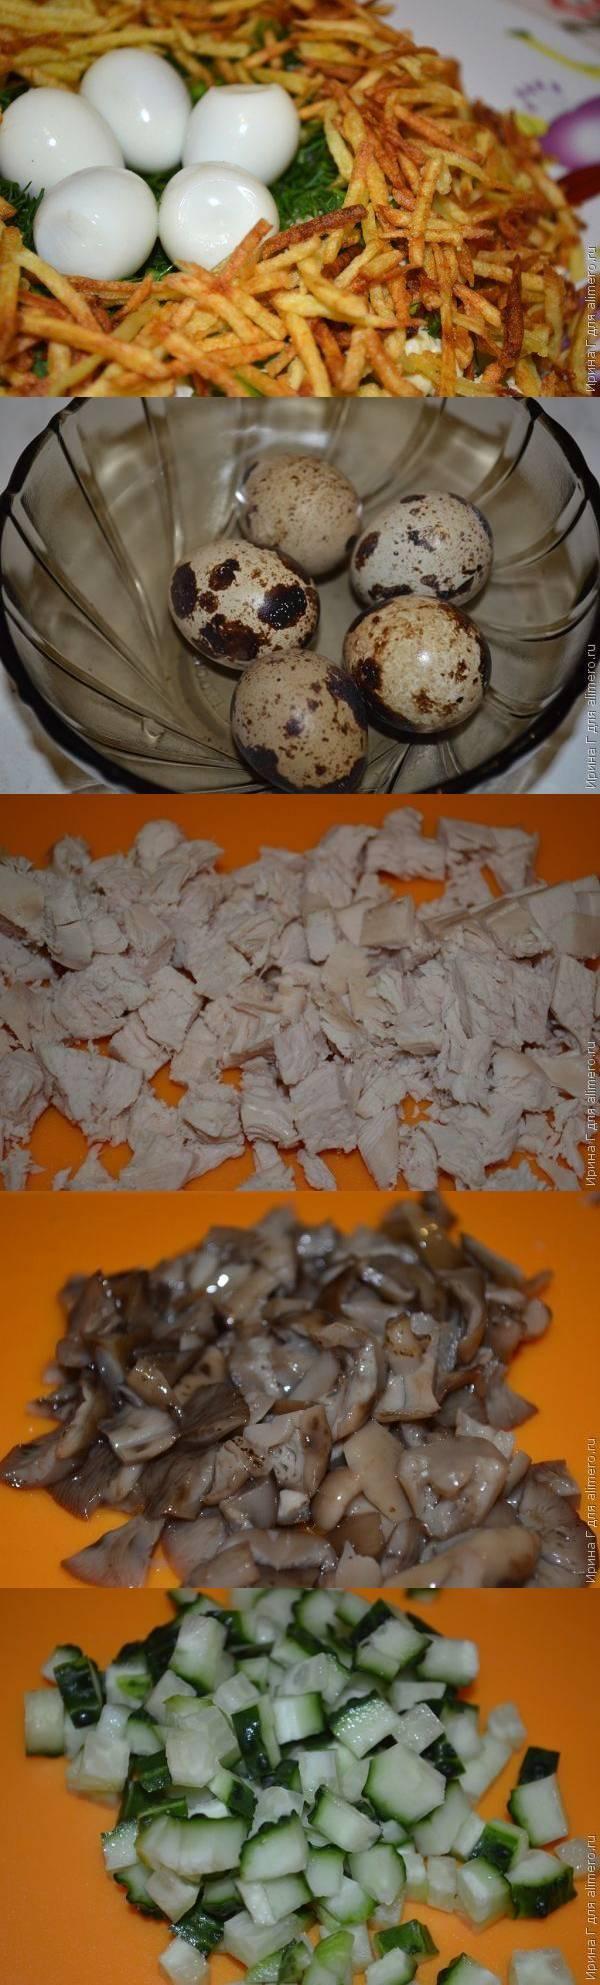 Что приготовить из перепелиных яиц рецепт пошагово